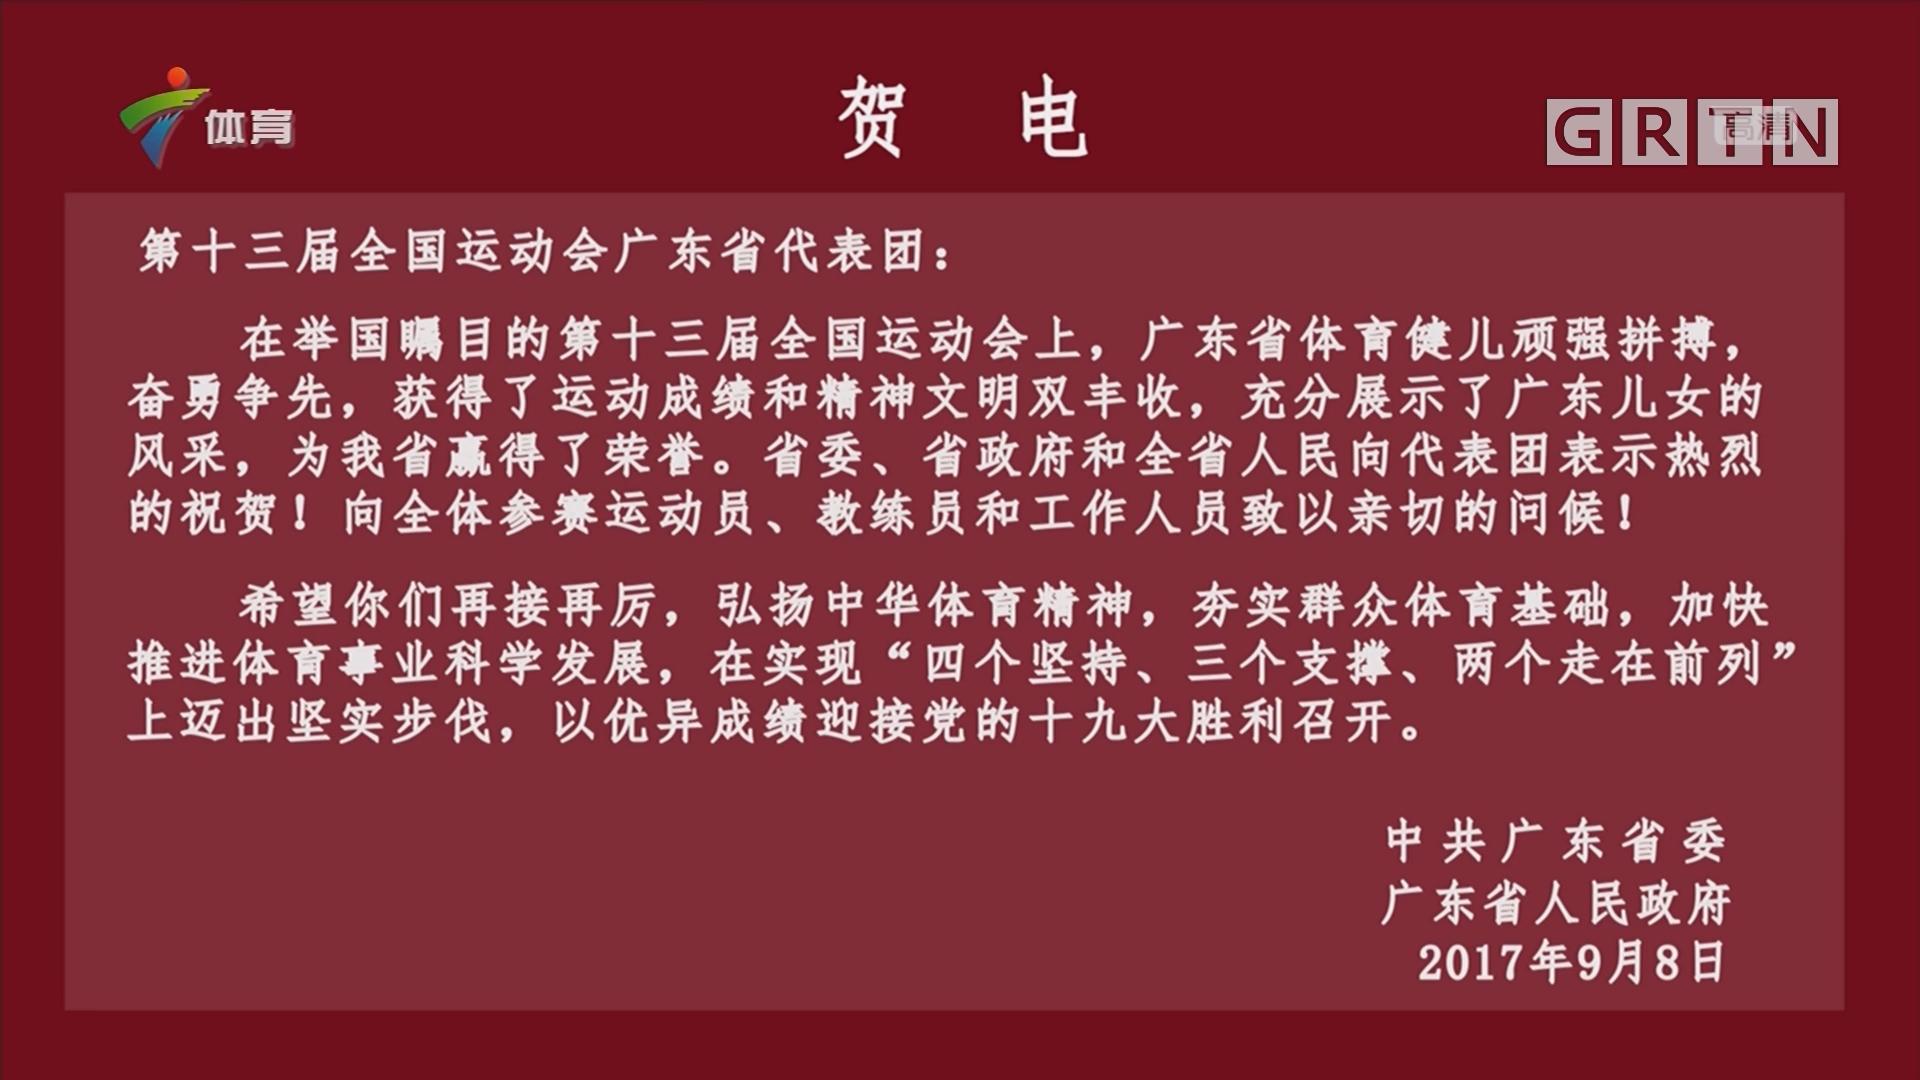 中共广东省委广东省人民政府发来贺电